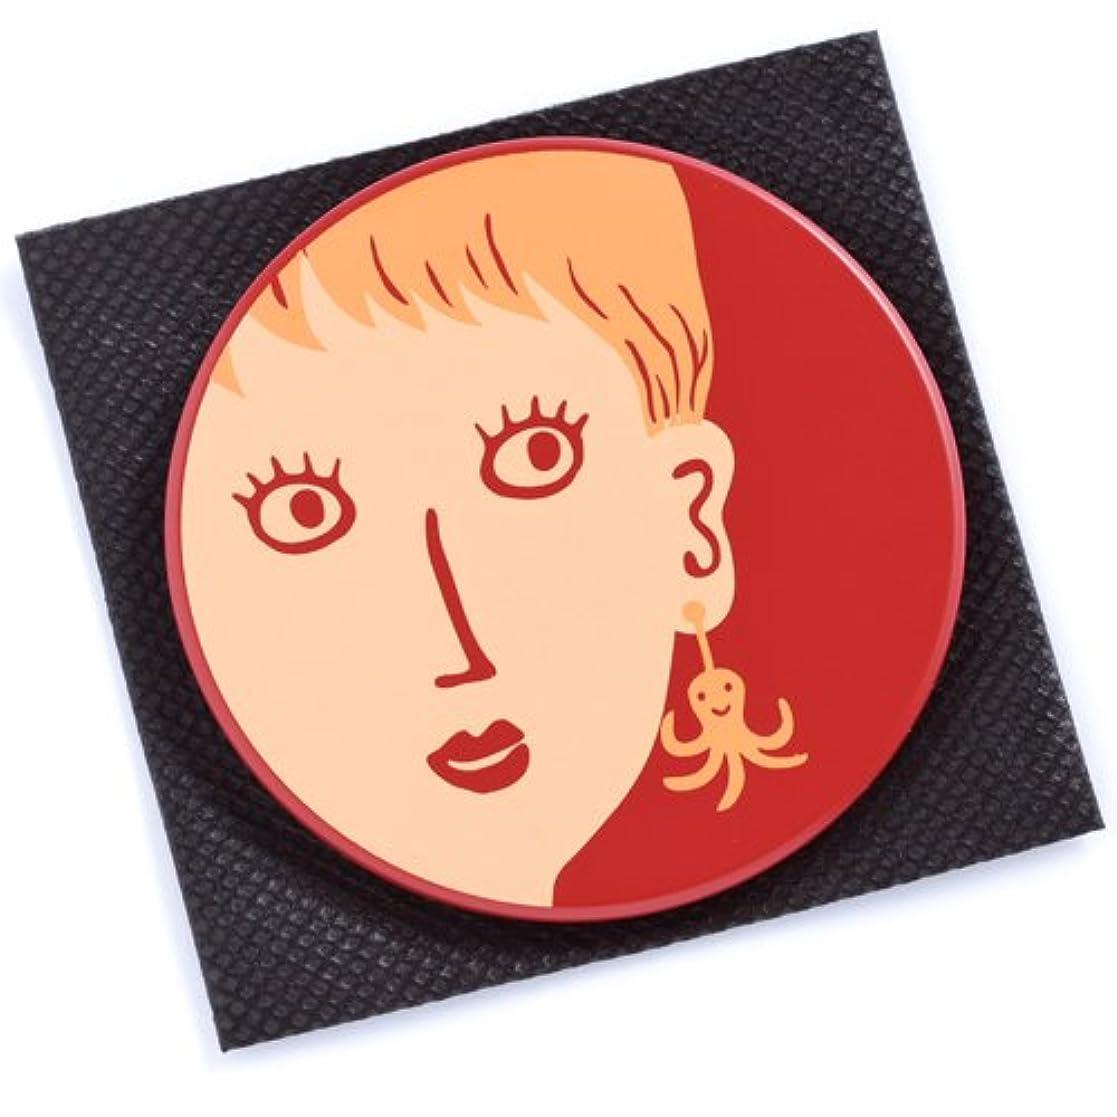 ディレクトリ前書き開発する[マタノアツコ] 【 アツコマタノ 】 丸鏡 耳にタコ レッド